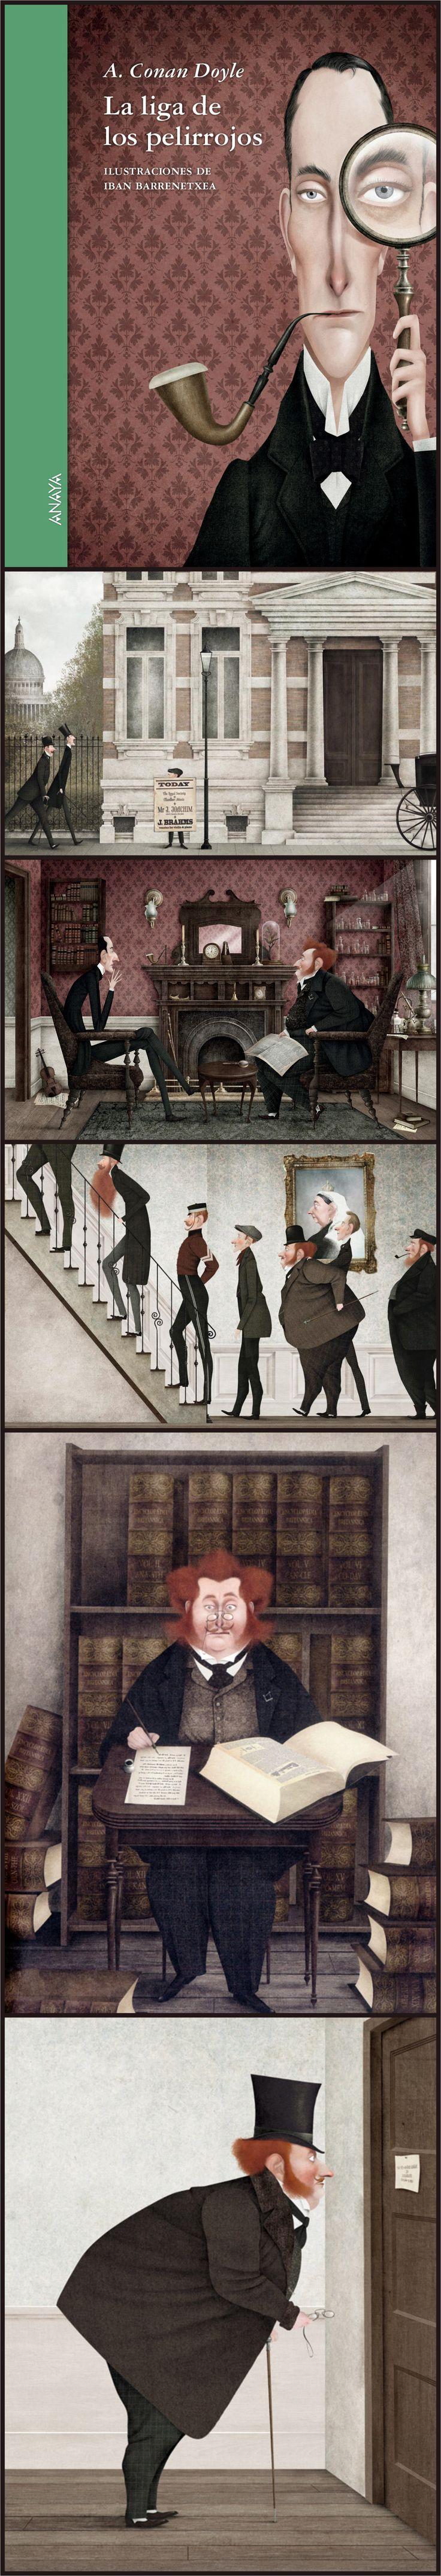 Arthur Conan Doyle. La liga de los pelirrojos. (The League of Red-Haired Men) Ilustrador:  Iban Barrenetxea.